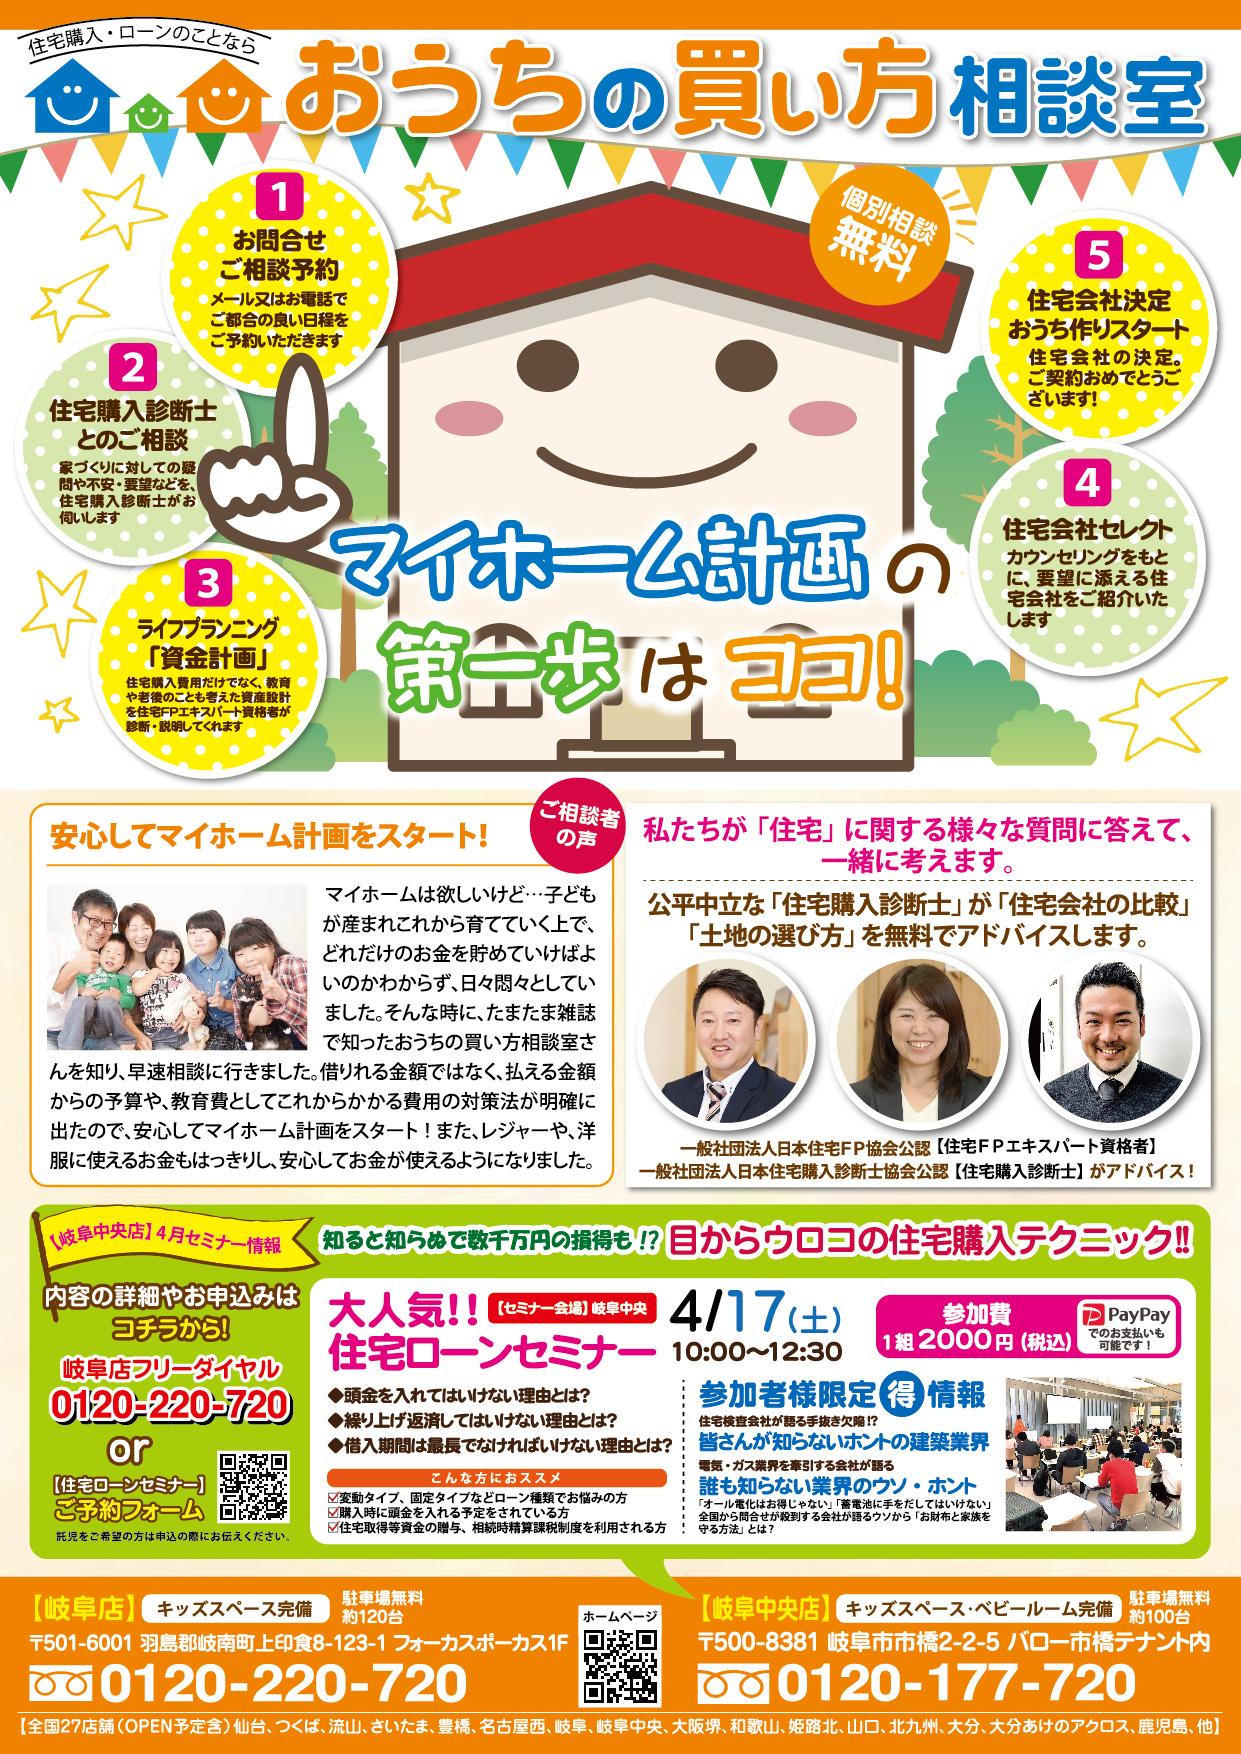 4月17日(土)大人気✨住宅ローンセミナーご予約受付中‼️